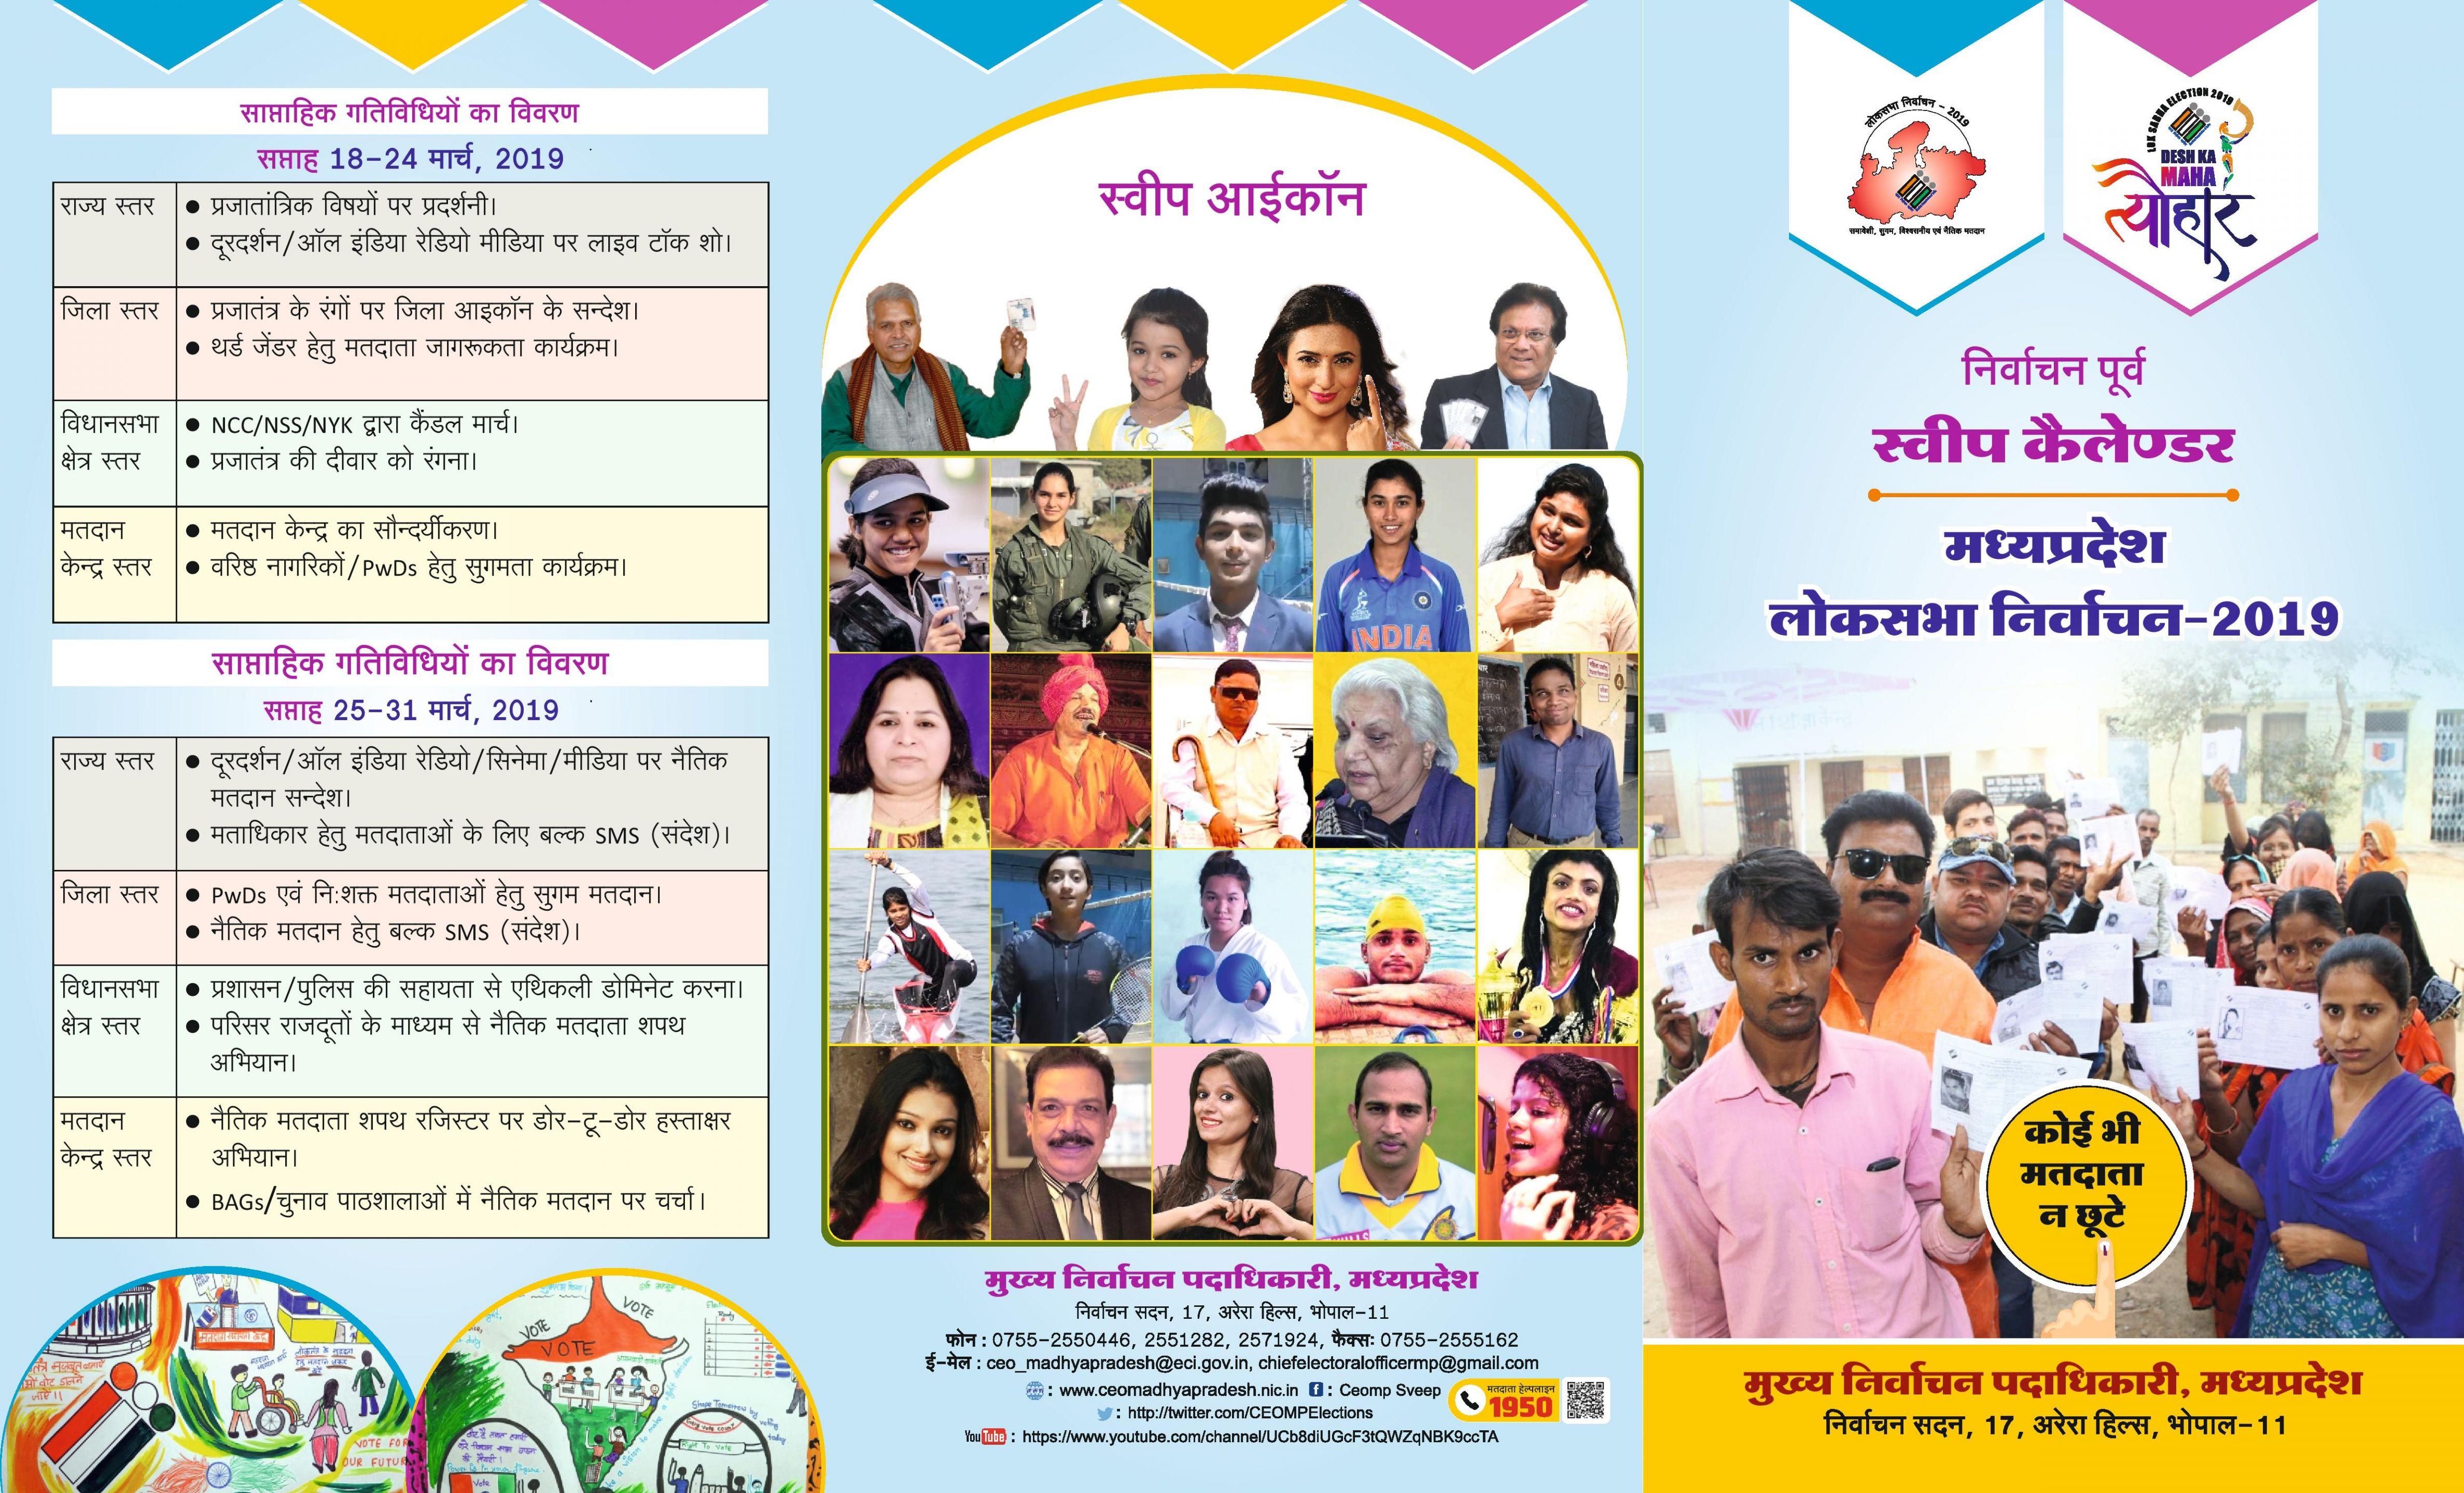 folder sveep (loksabha) Hindi-page-002.jpg